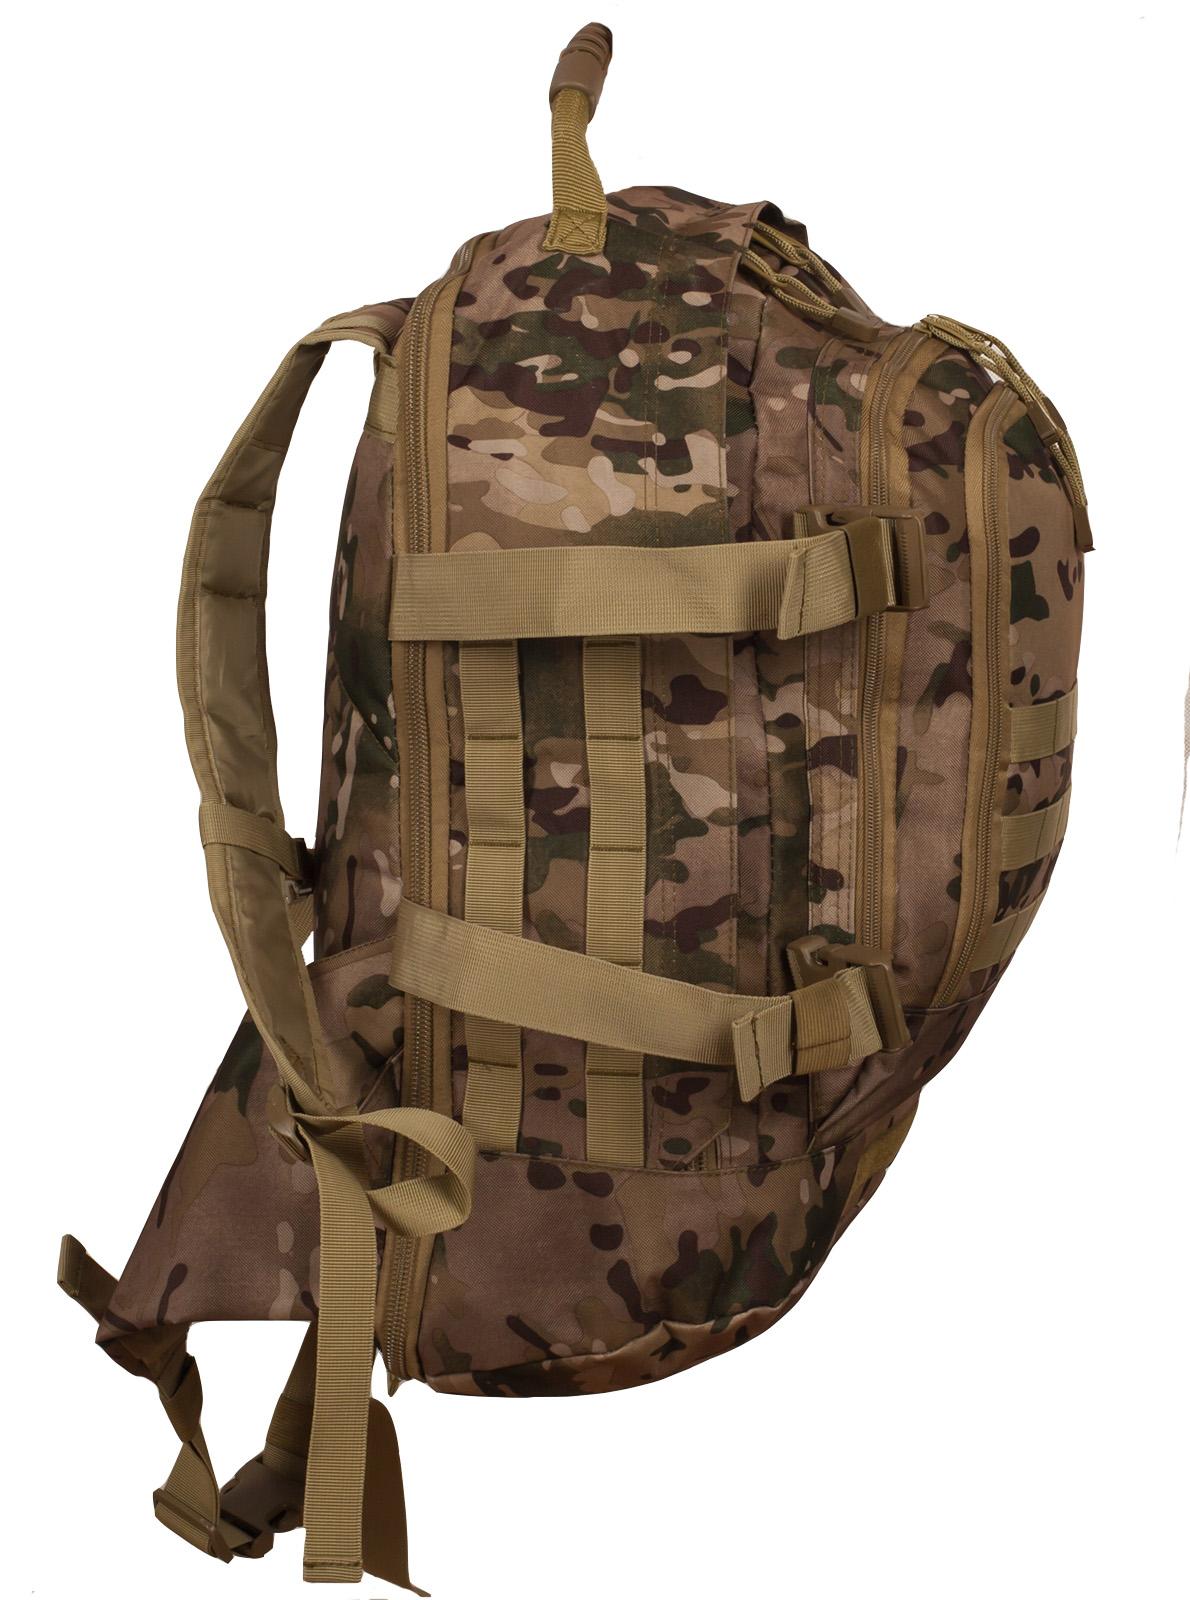 Рюкзак снайпера 3-Day Expandable Backpack 08002A Multicam с эмблемой МВД оптом в Военпро